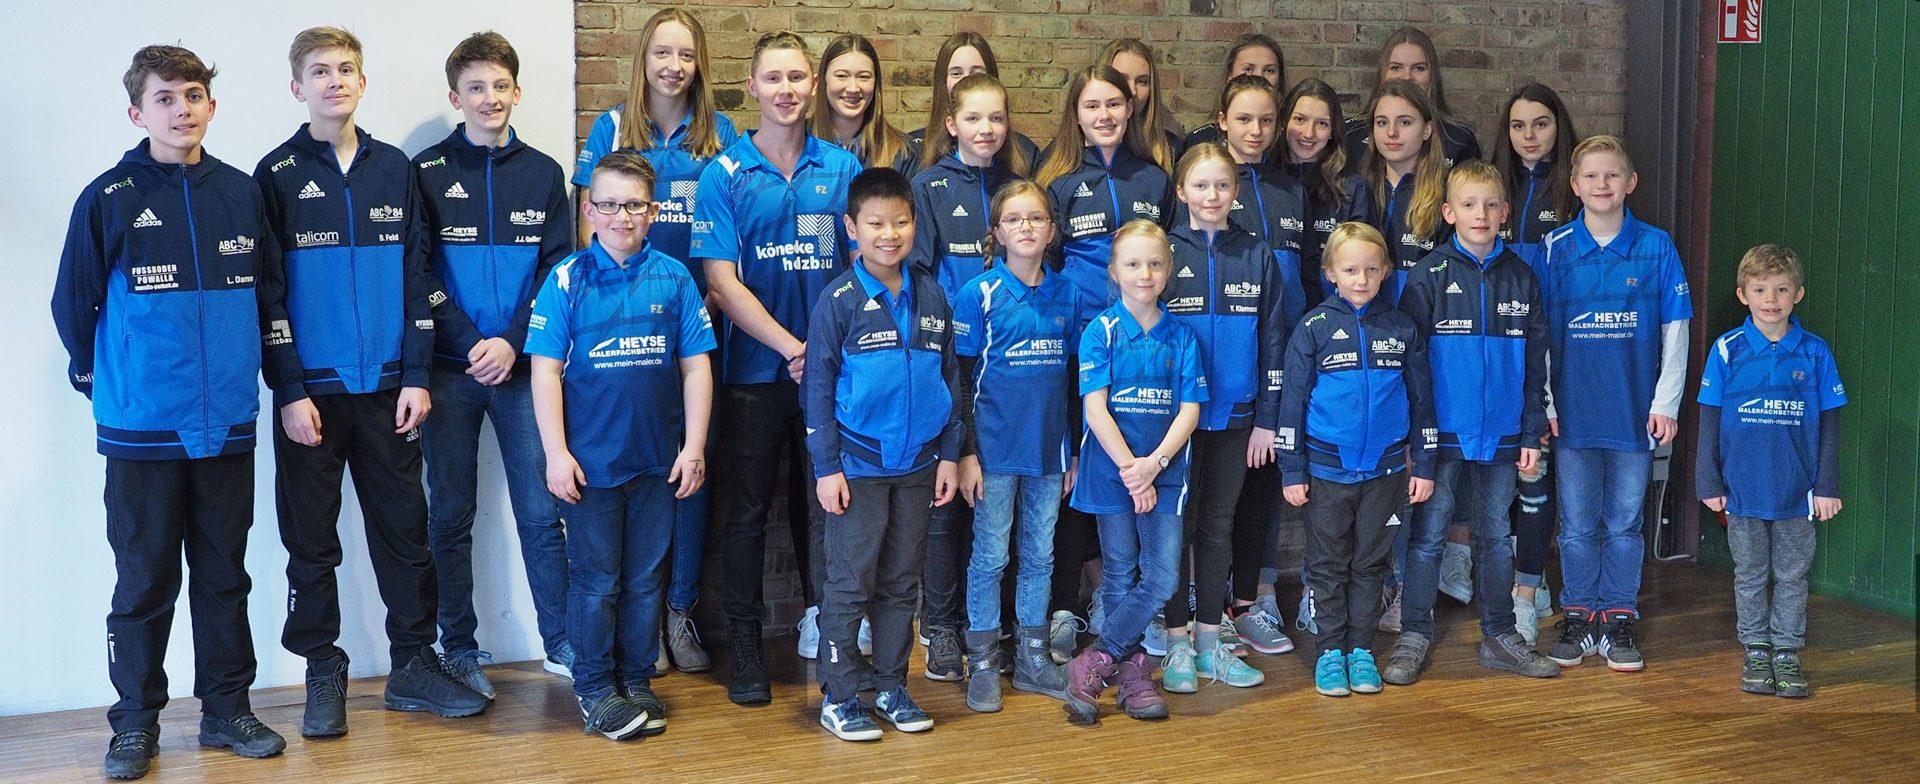 Sportlerehrung Isernhagen Maler Heyse - Sponsoring Badminton Altwarmbüchen